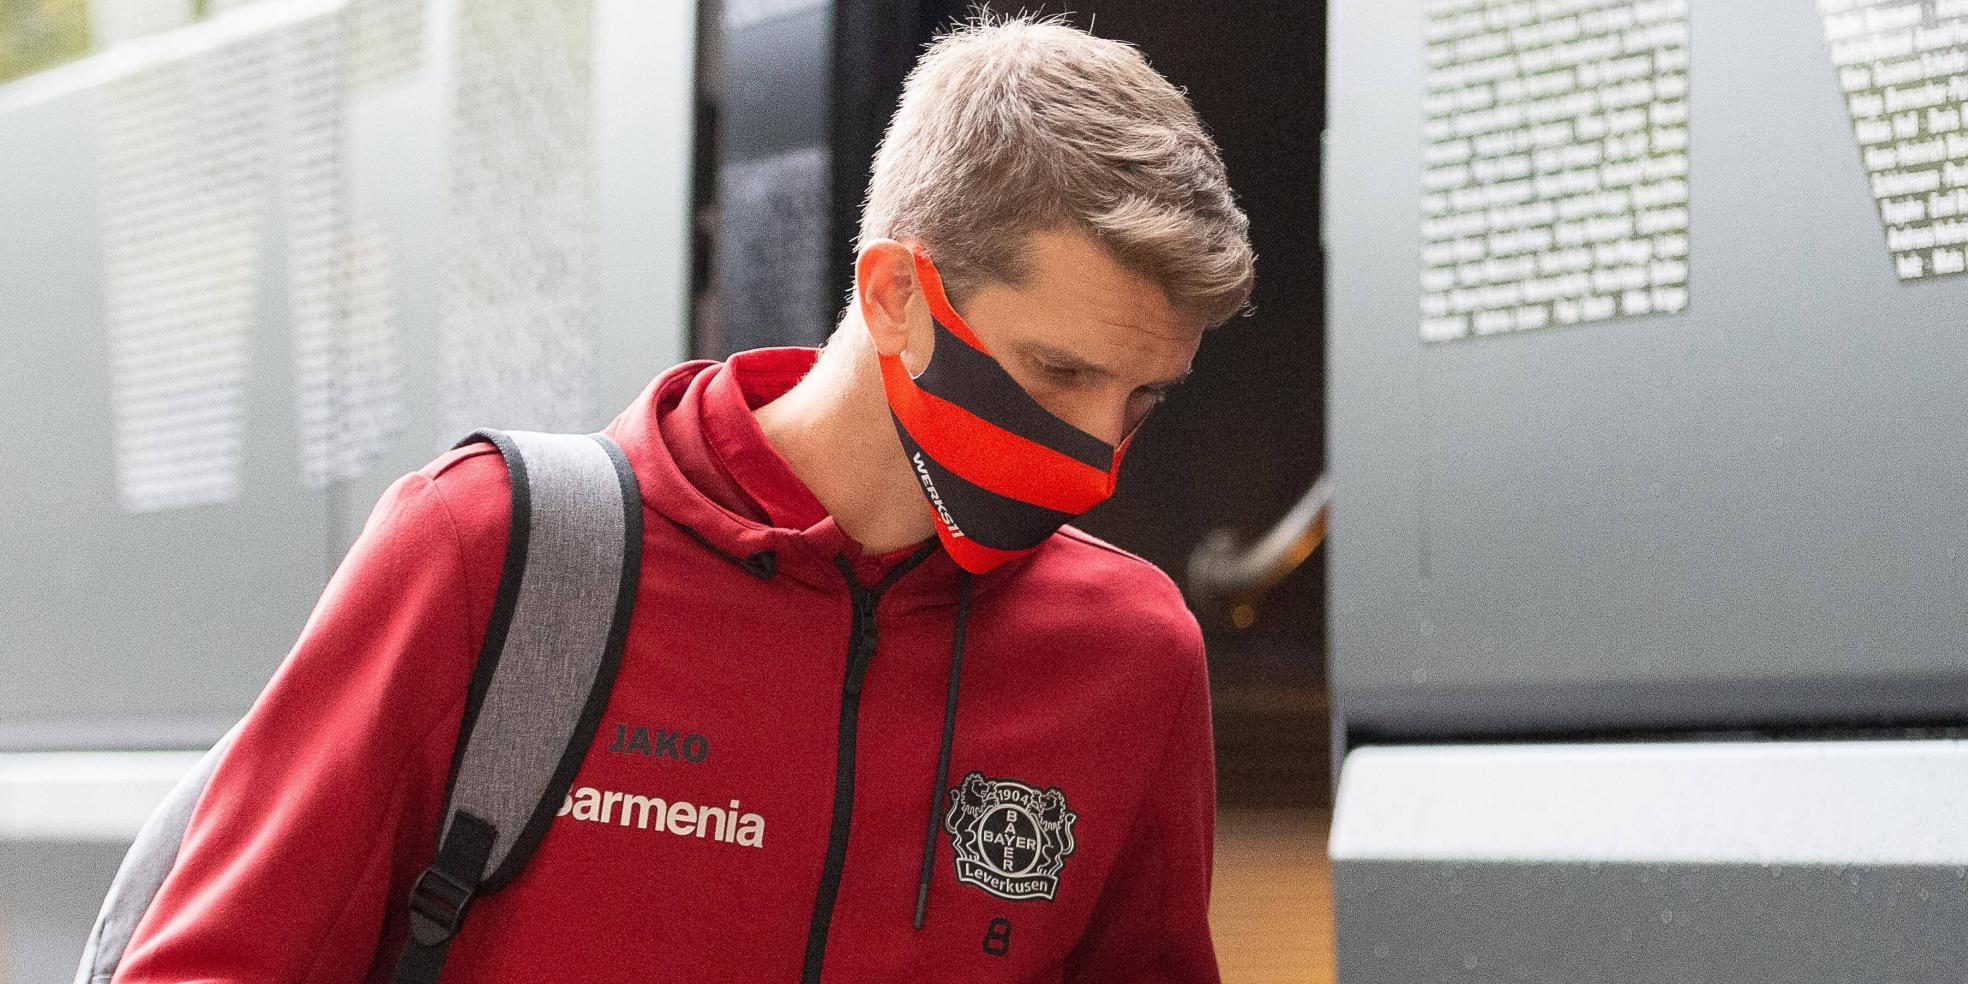 Lars Bender von Bayer 04 Leverkusen